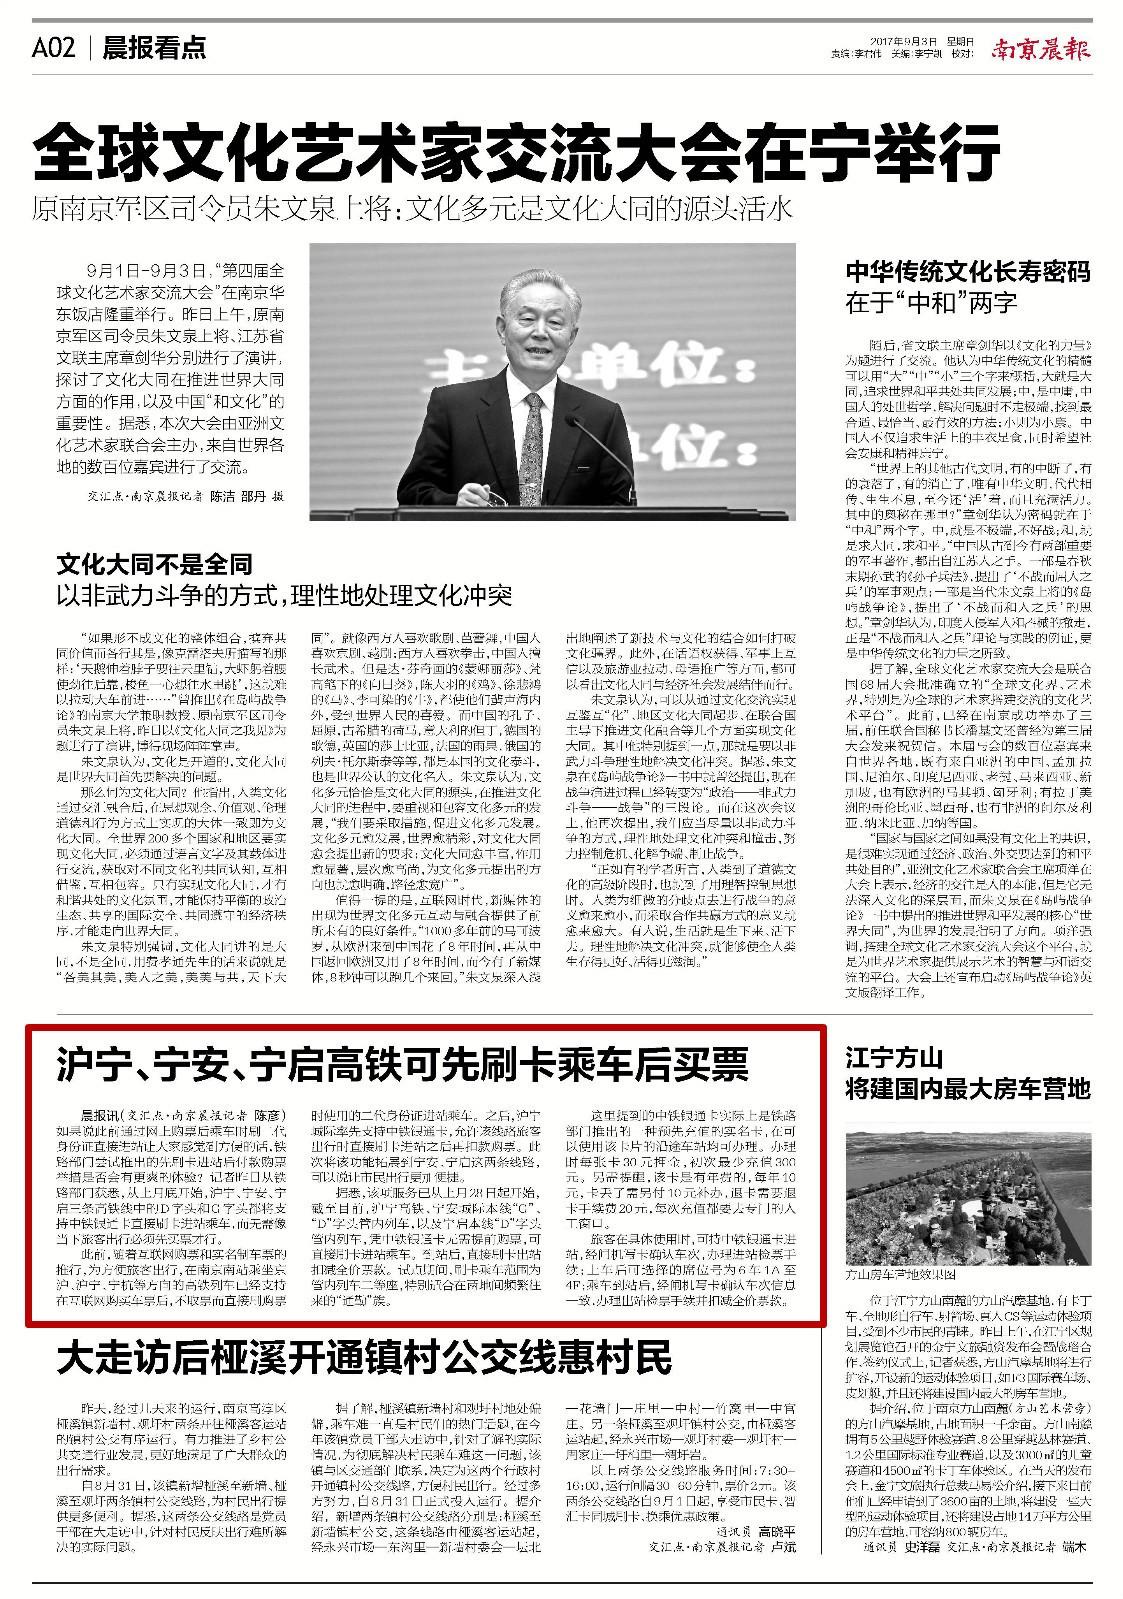 """""""说走就走""""真的来啦!沪宁、宁安、宁启高铁可以直接刷银行卡乘车,这些地方就能办卡"""